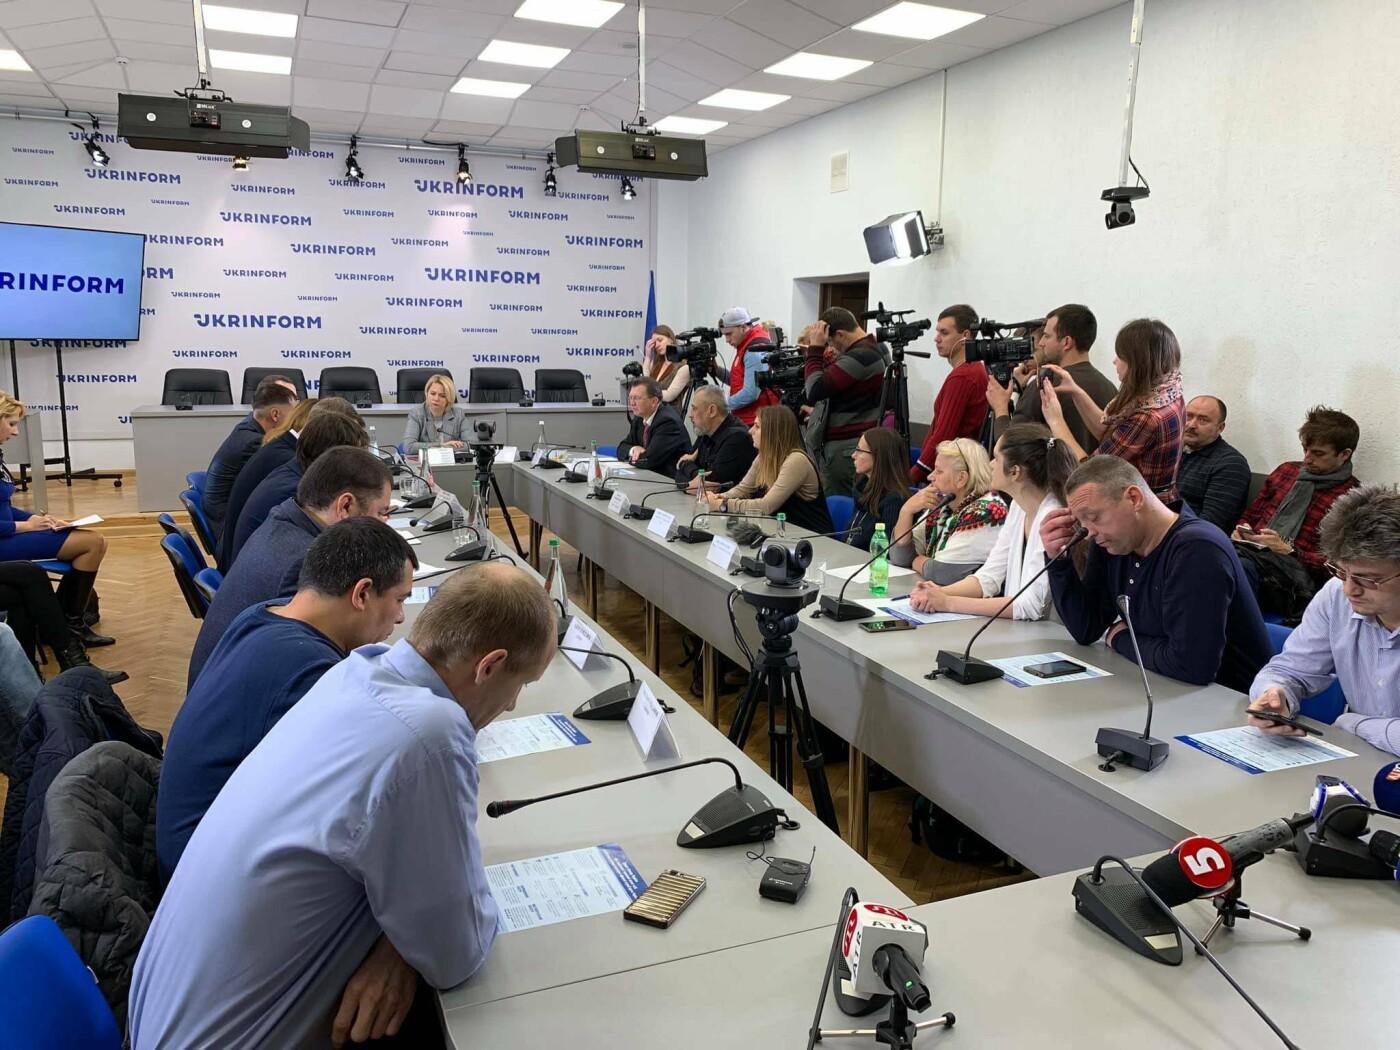 Криворожане обсуждали в Киеве законопроект о защите пленных и пропавших без вести, - ФОТО, фото-1